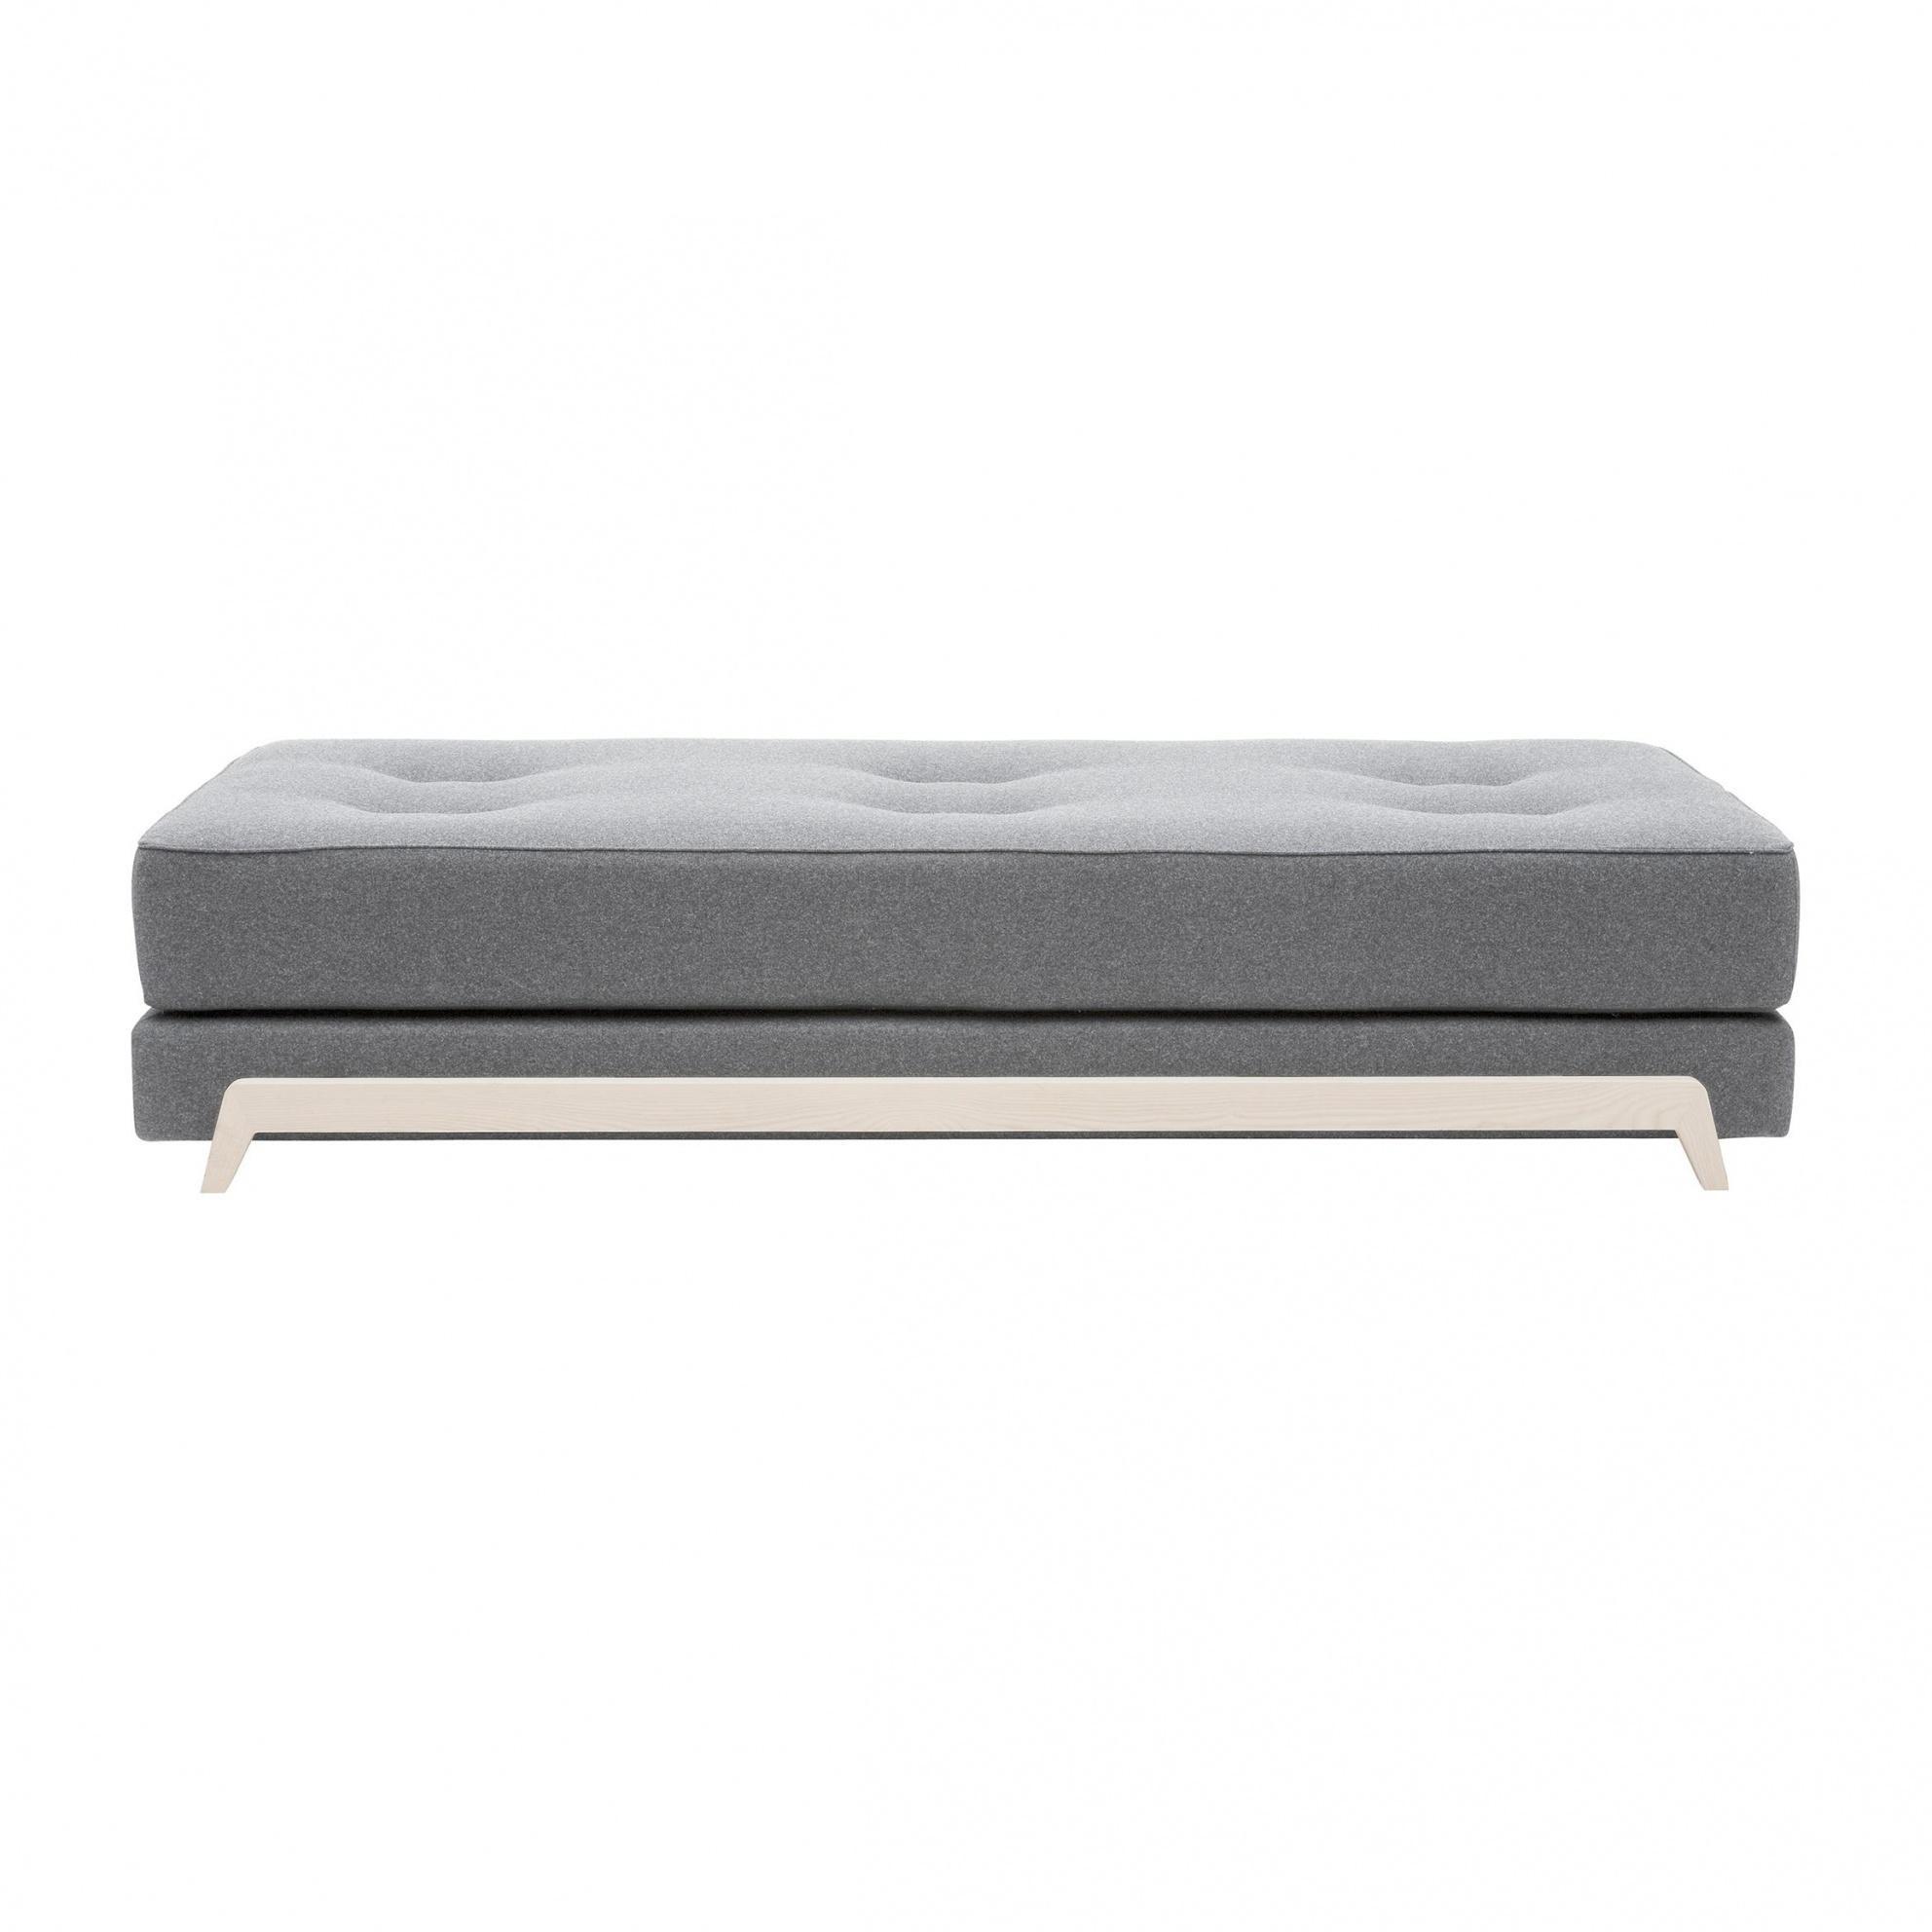 softline frame schlafsofa mit kaltschaum matratze